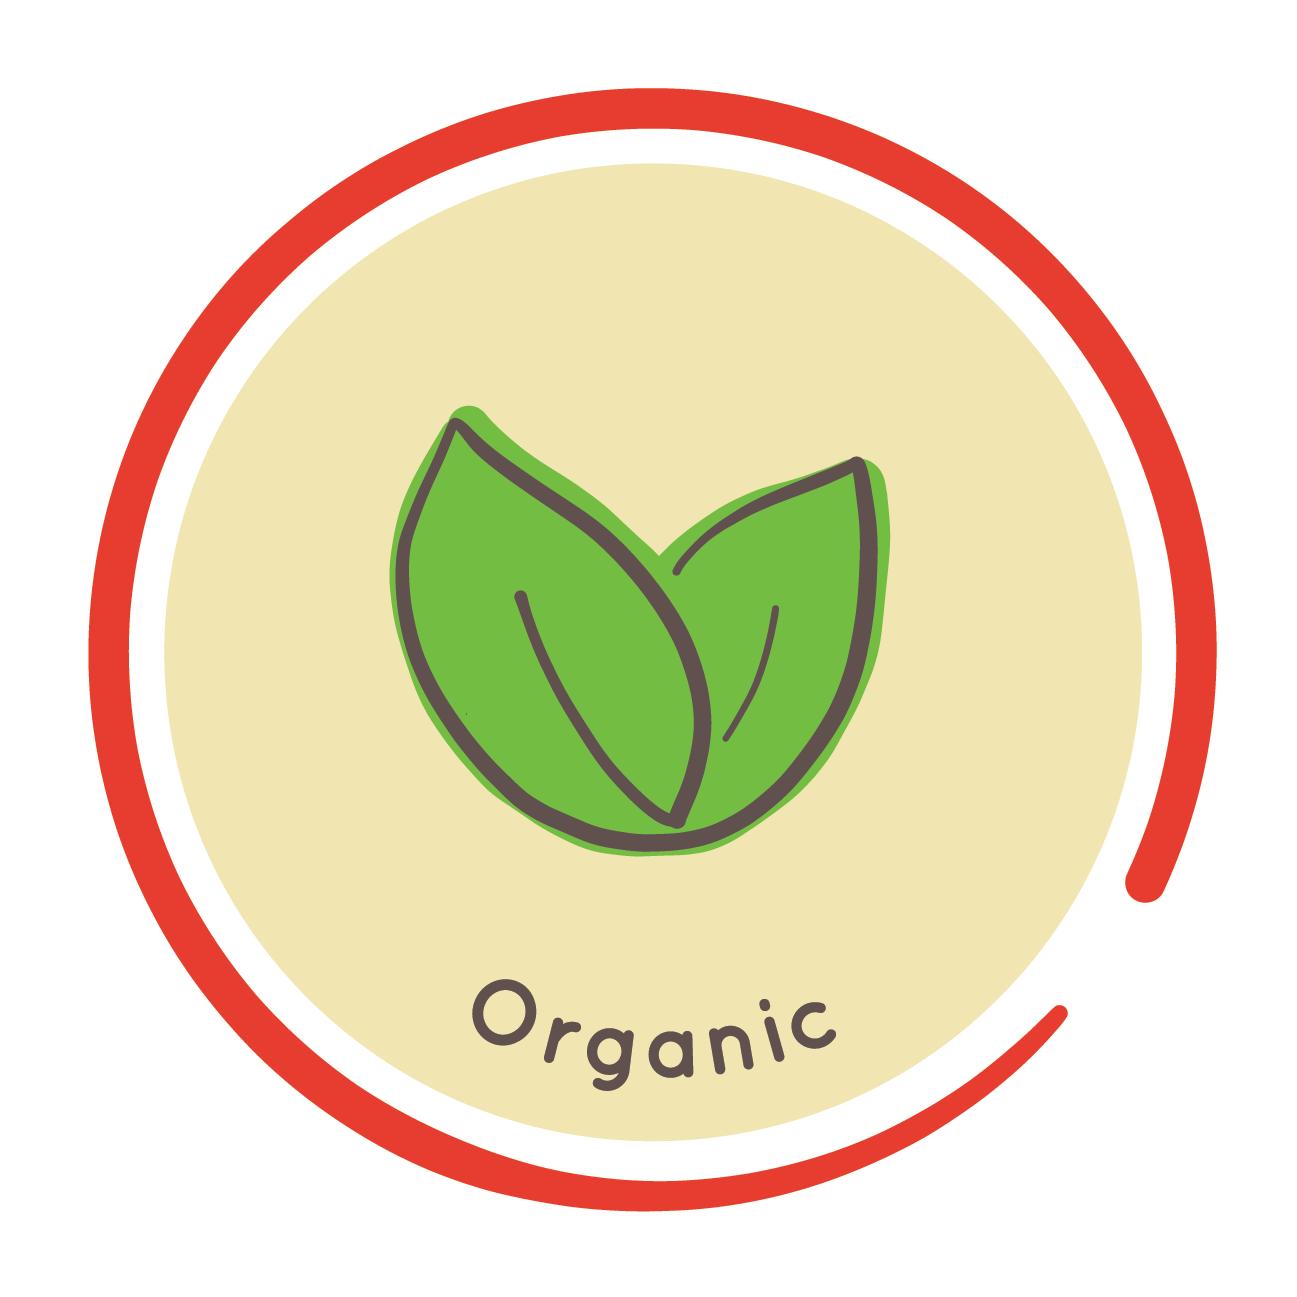 badge_organic.png